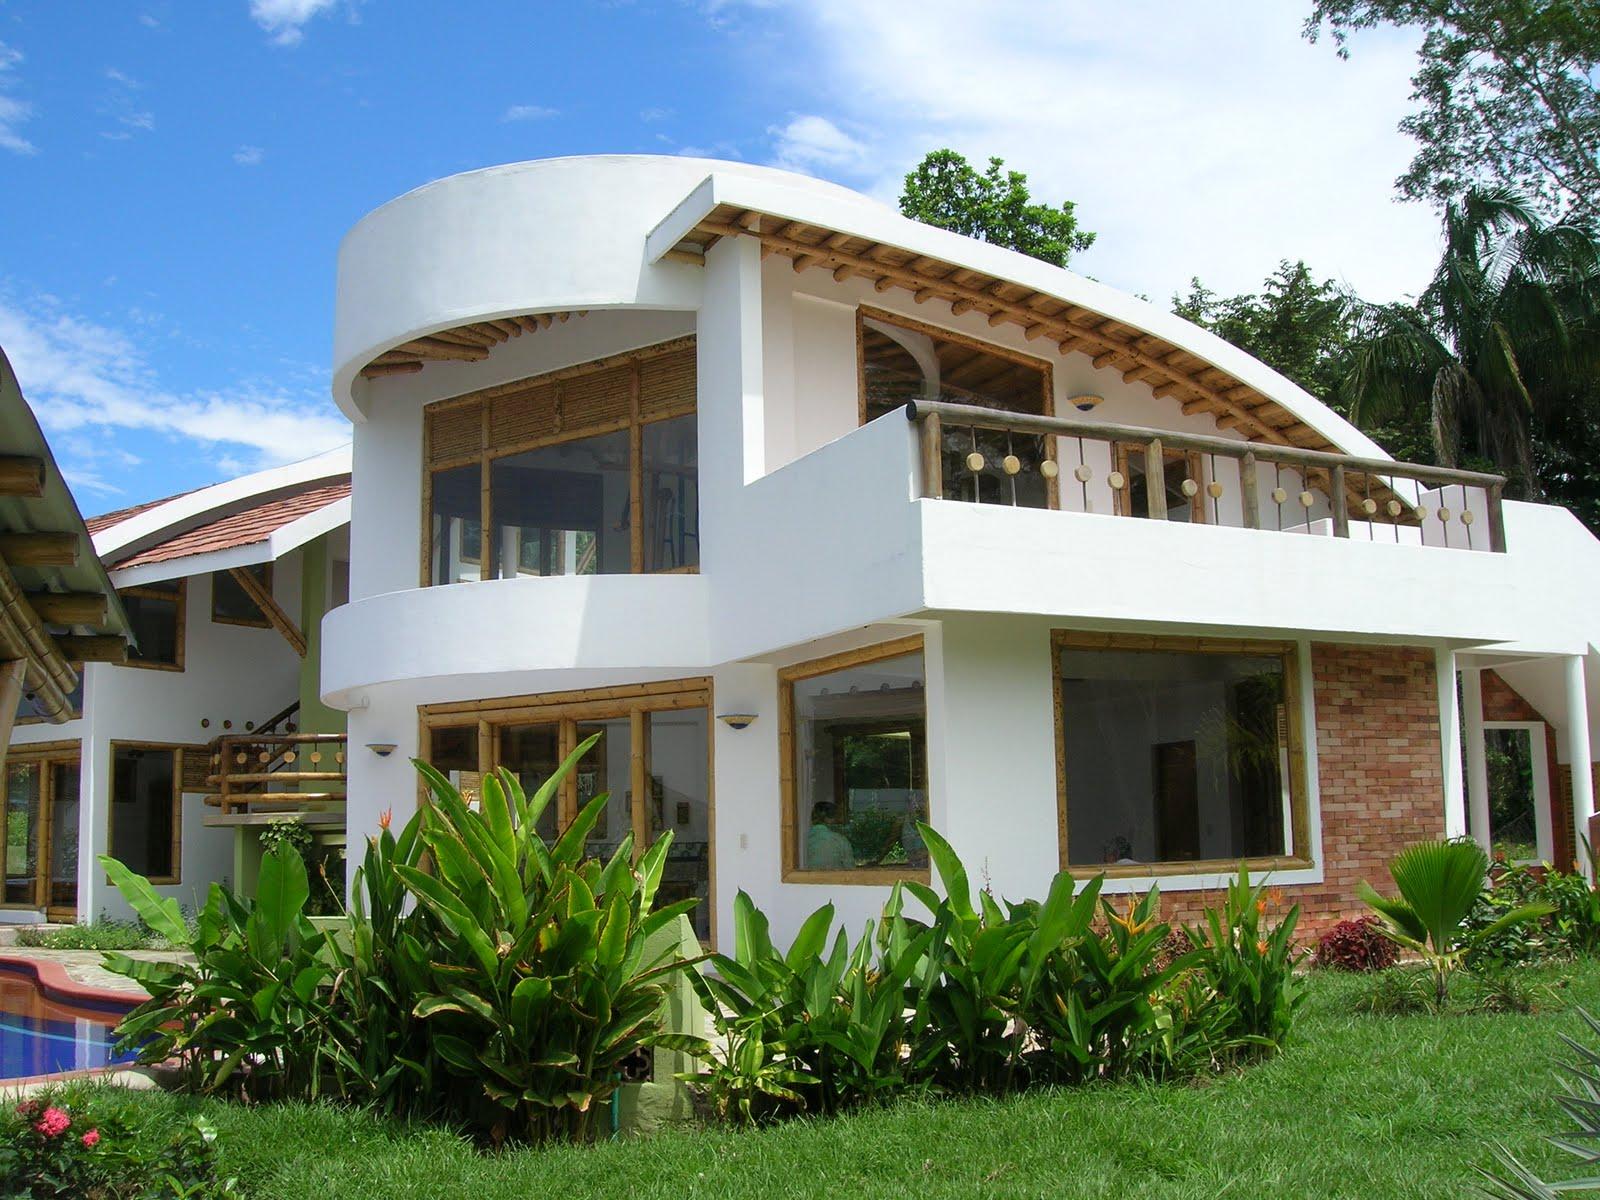 Casas prefabricadas en concreto cali colombia casas for Casas de jardin prefabricadas